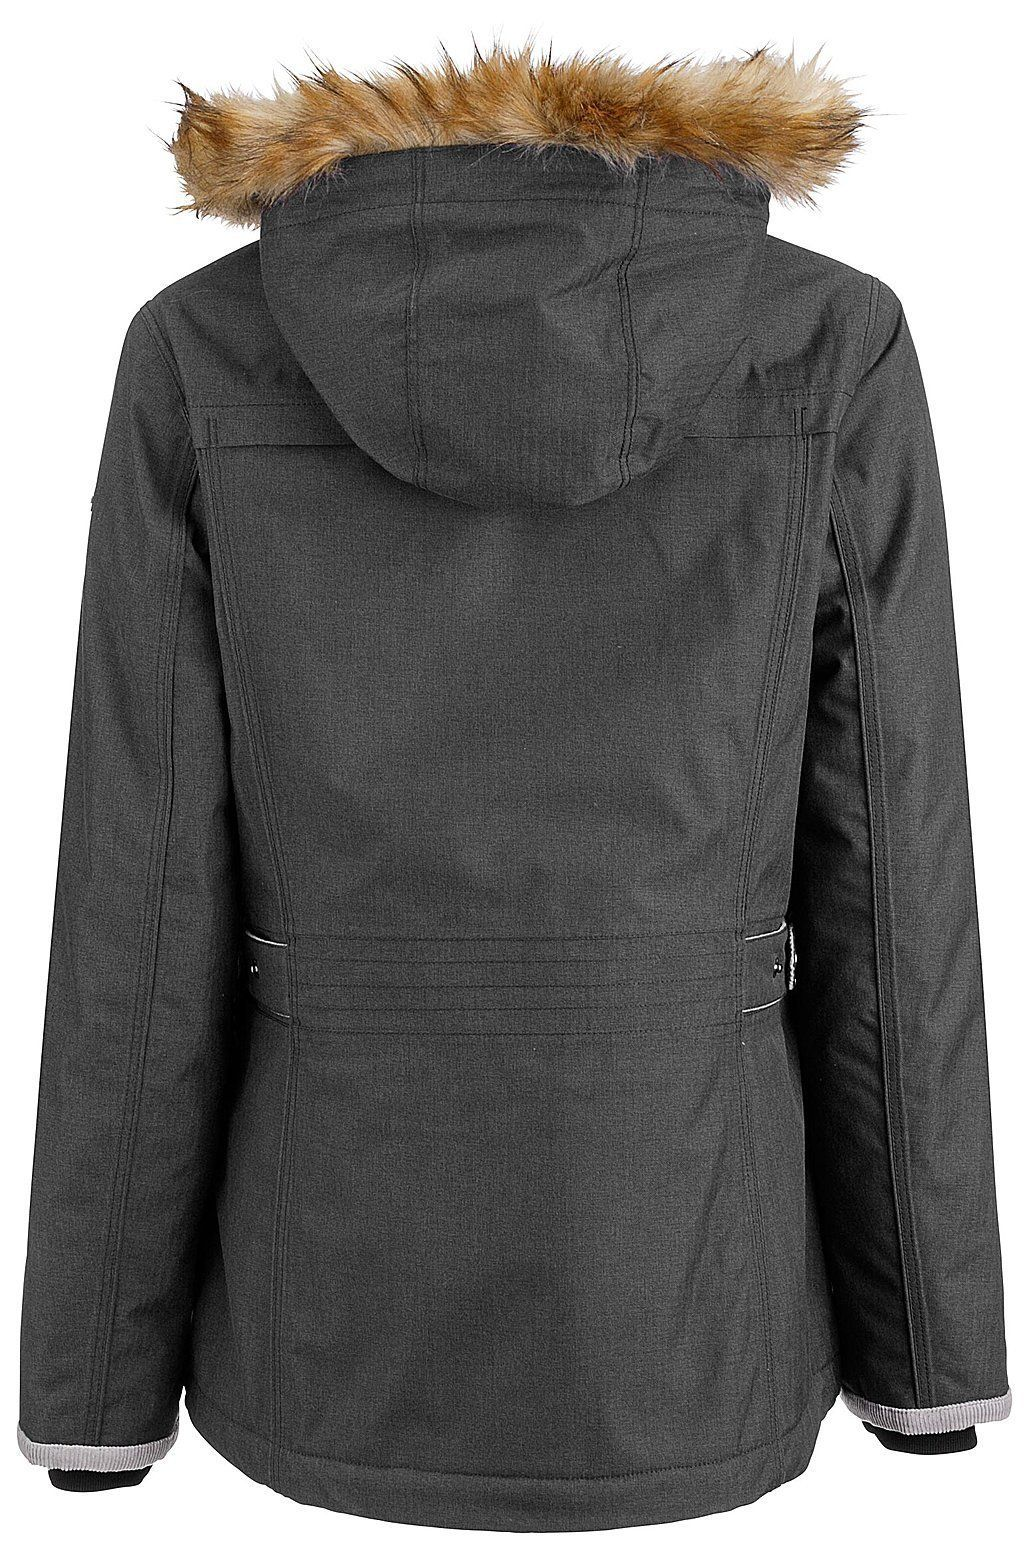 Veste à capuche technique Carla - CMP mode femme - Kramer Equitation